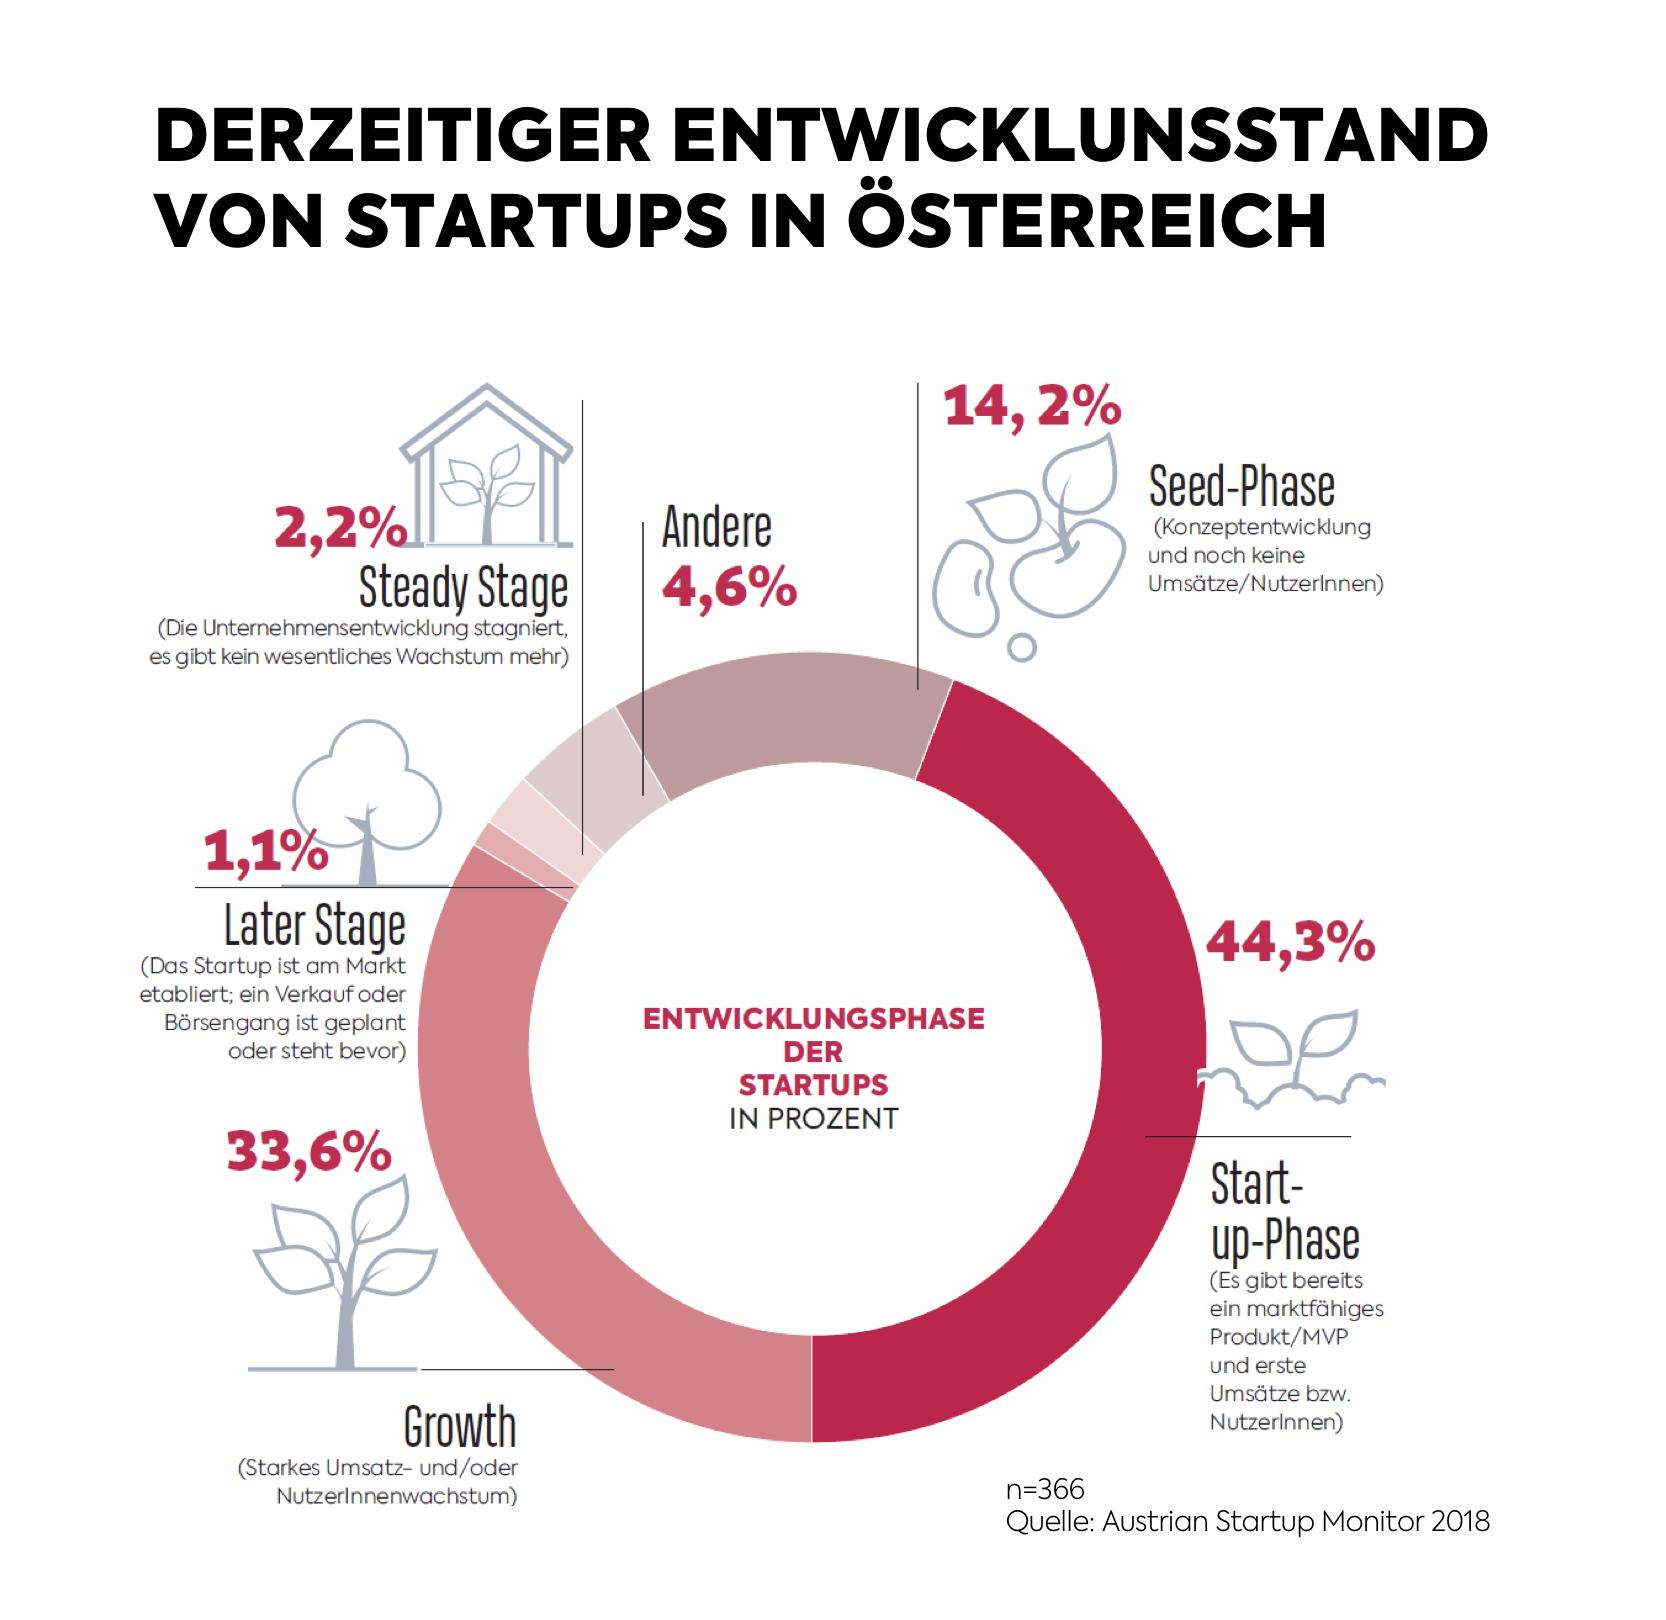 1. Austrian Startup Monitor - Wachstum